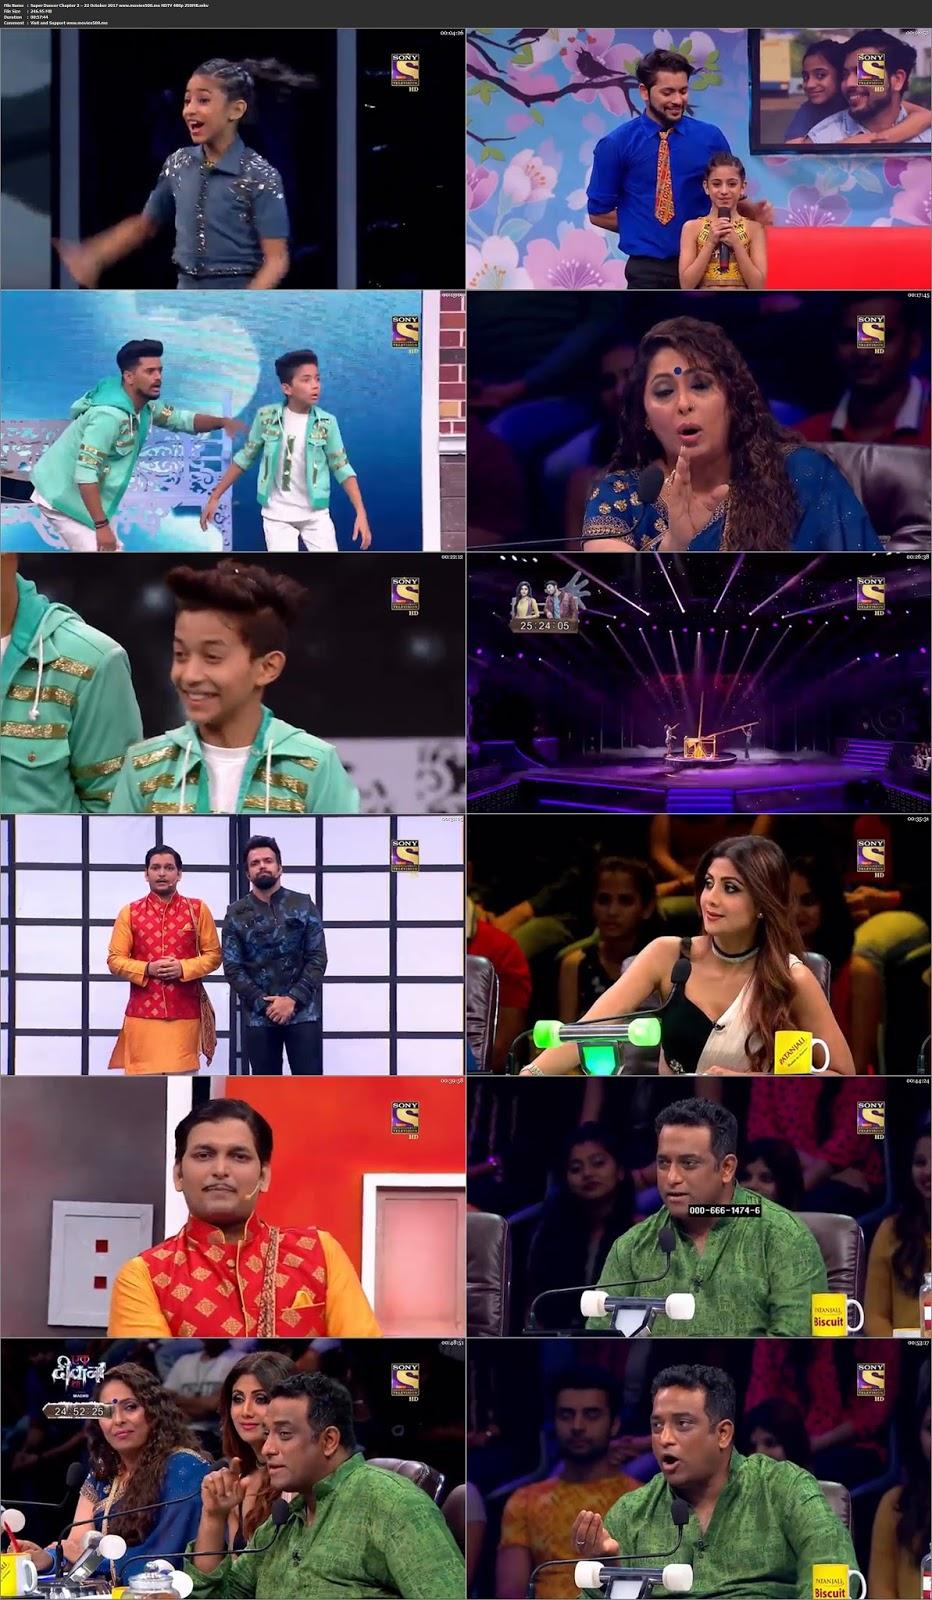 Super Dancer Chapter 2 2017 22 October 246MB HDTV 480p at freedomcopy.com